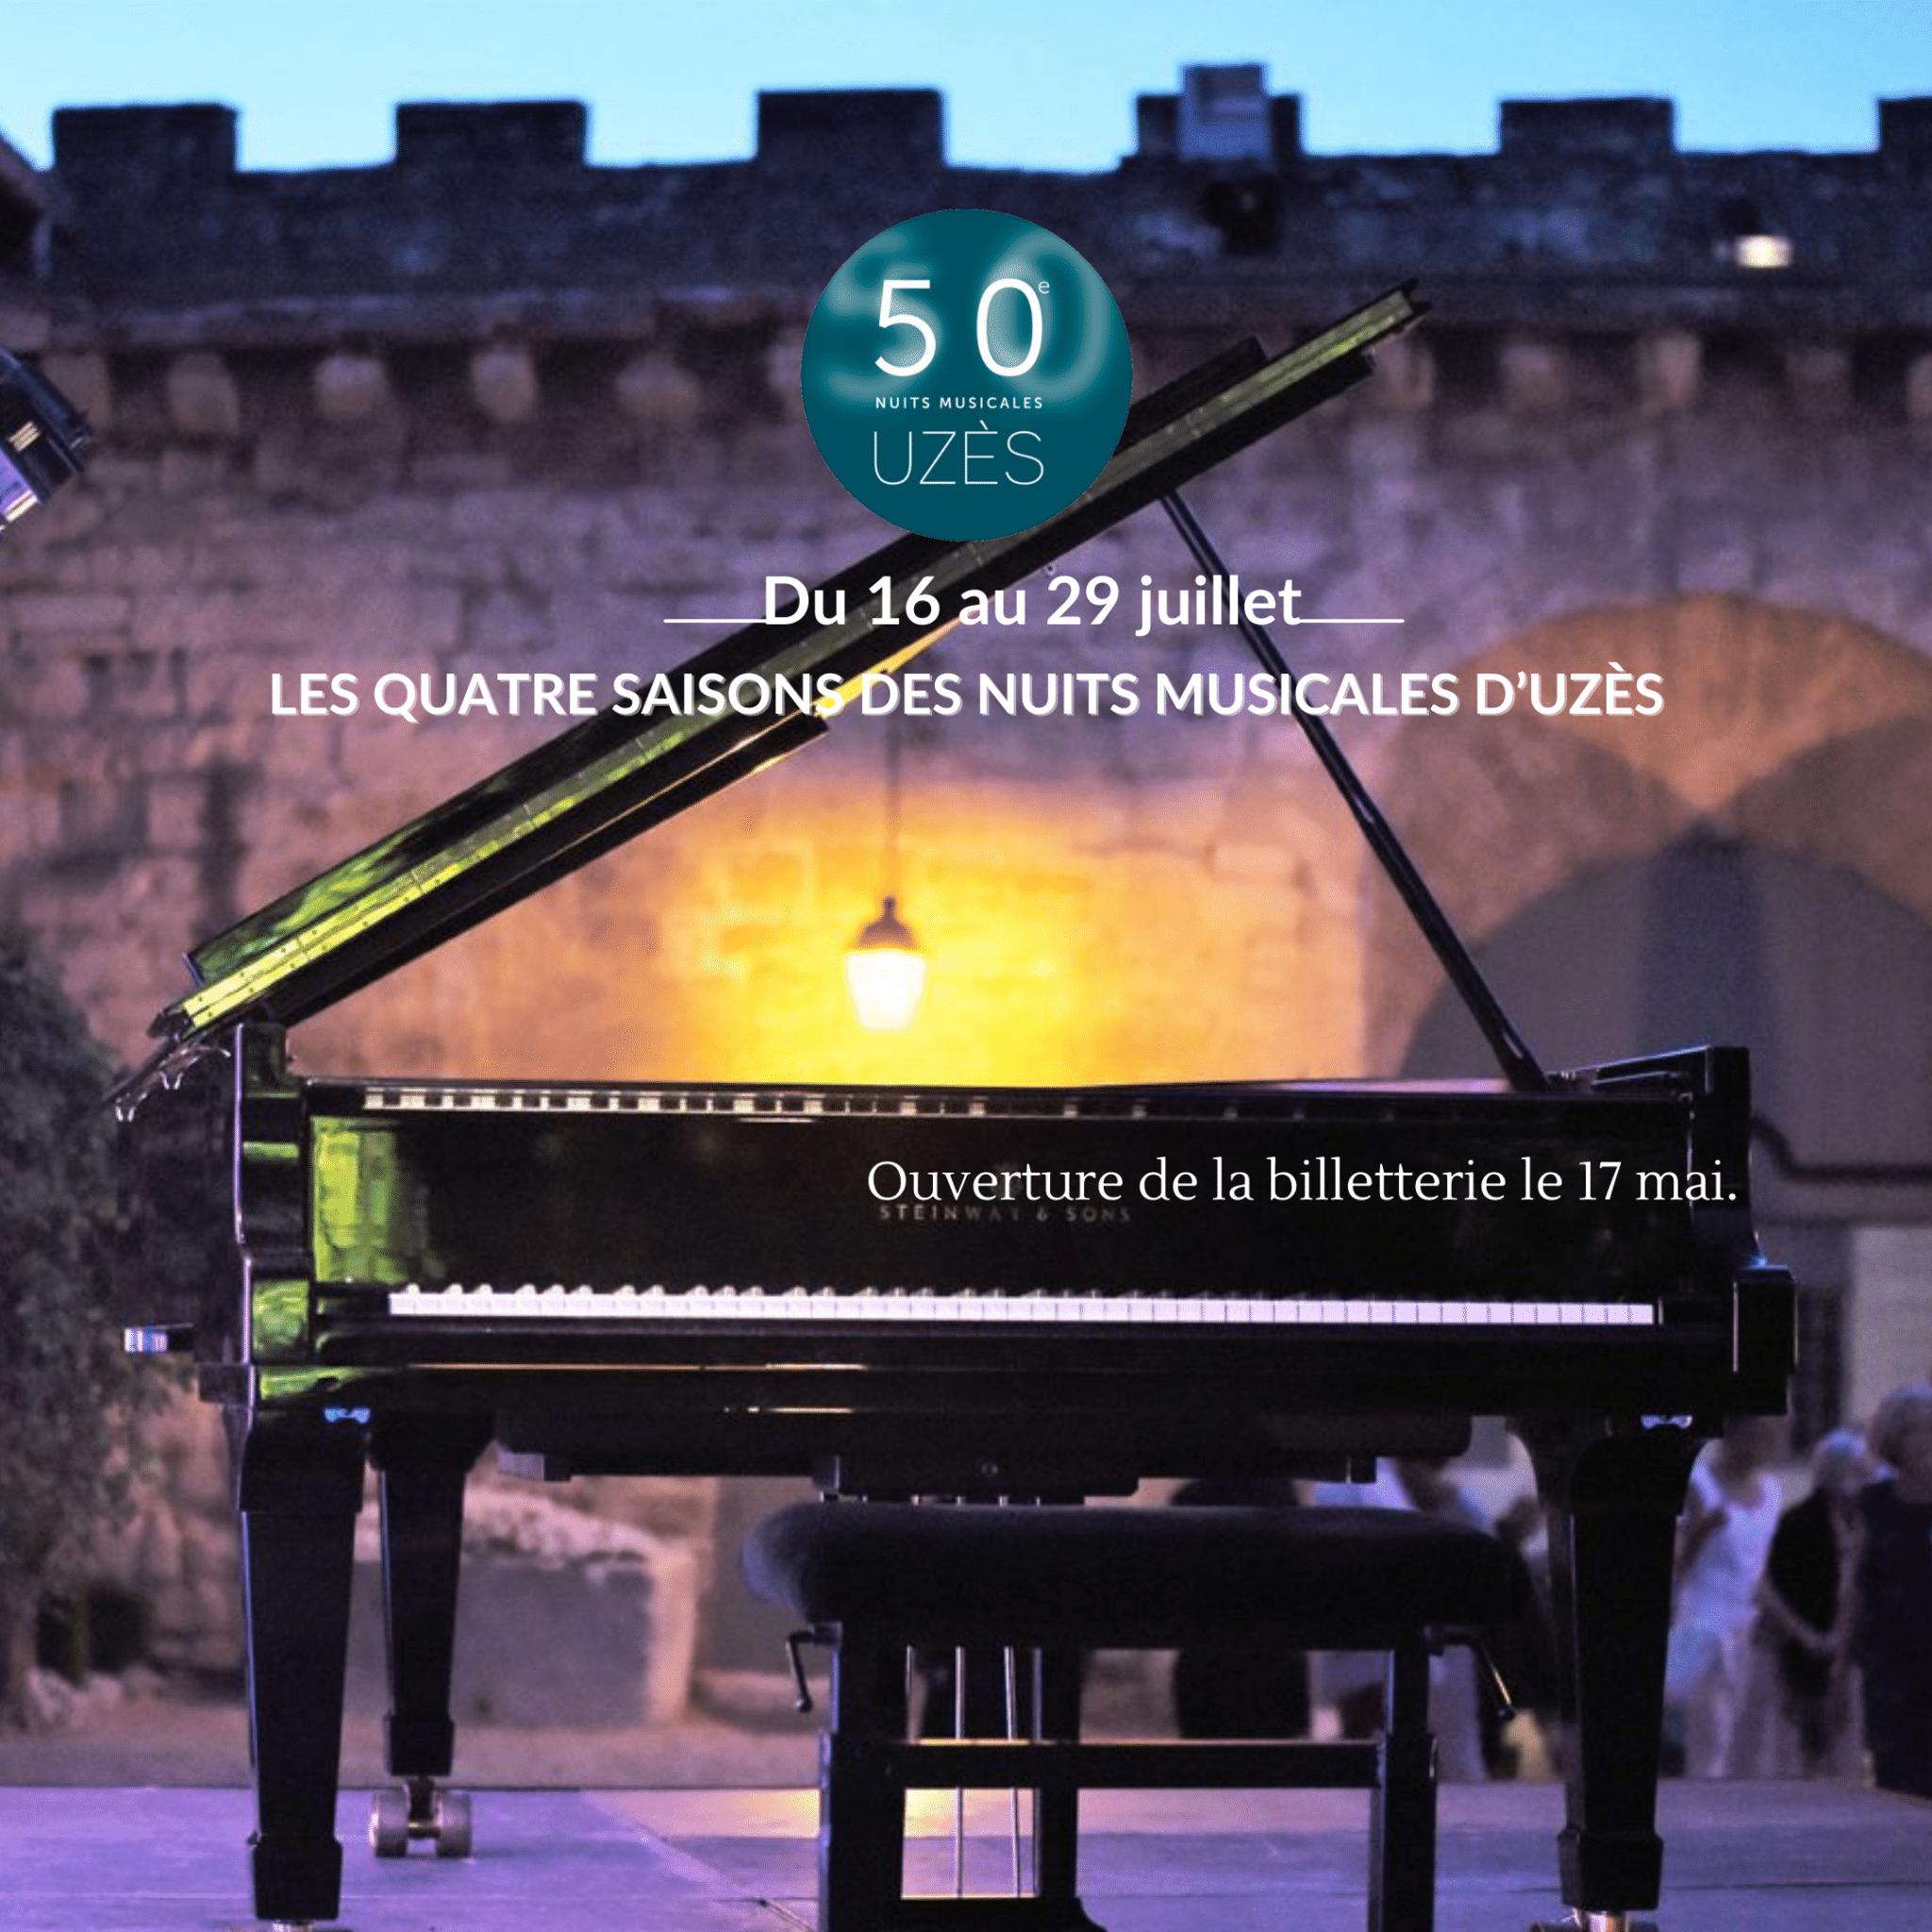 50e édition des Nuits Musicales d'Uzès